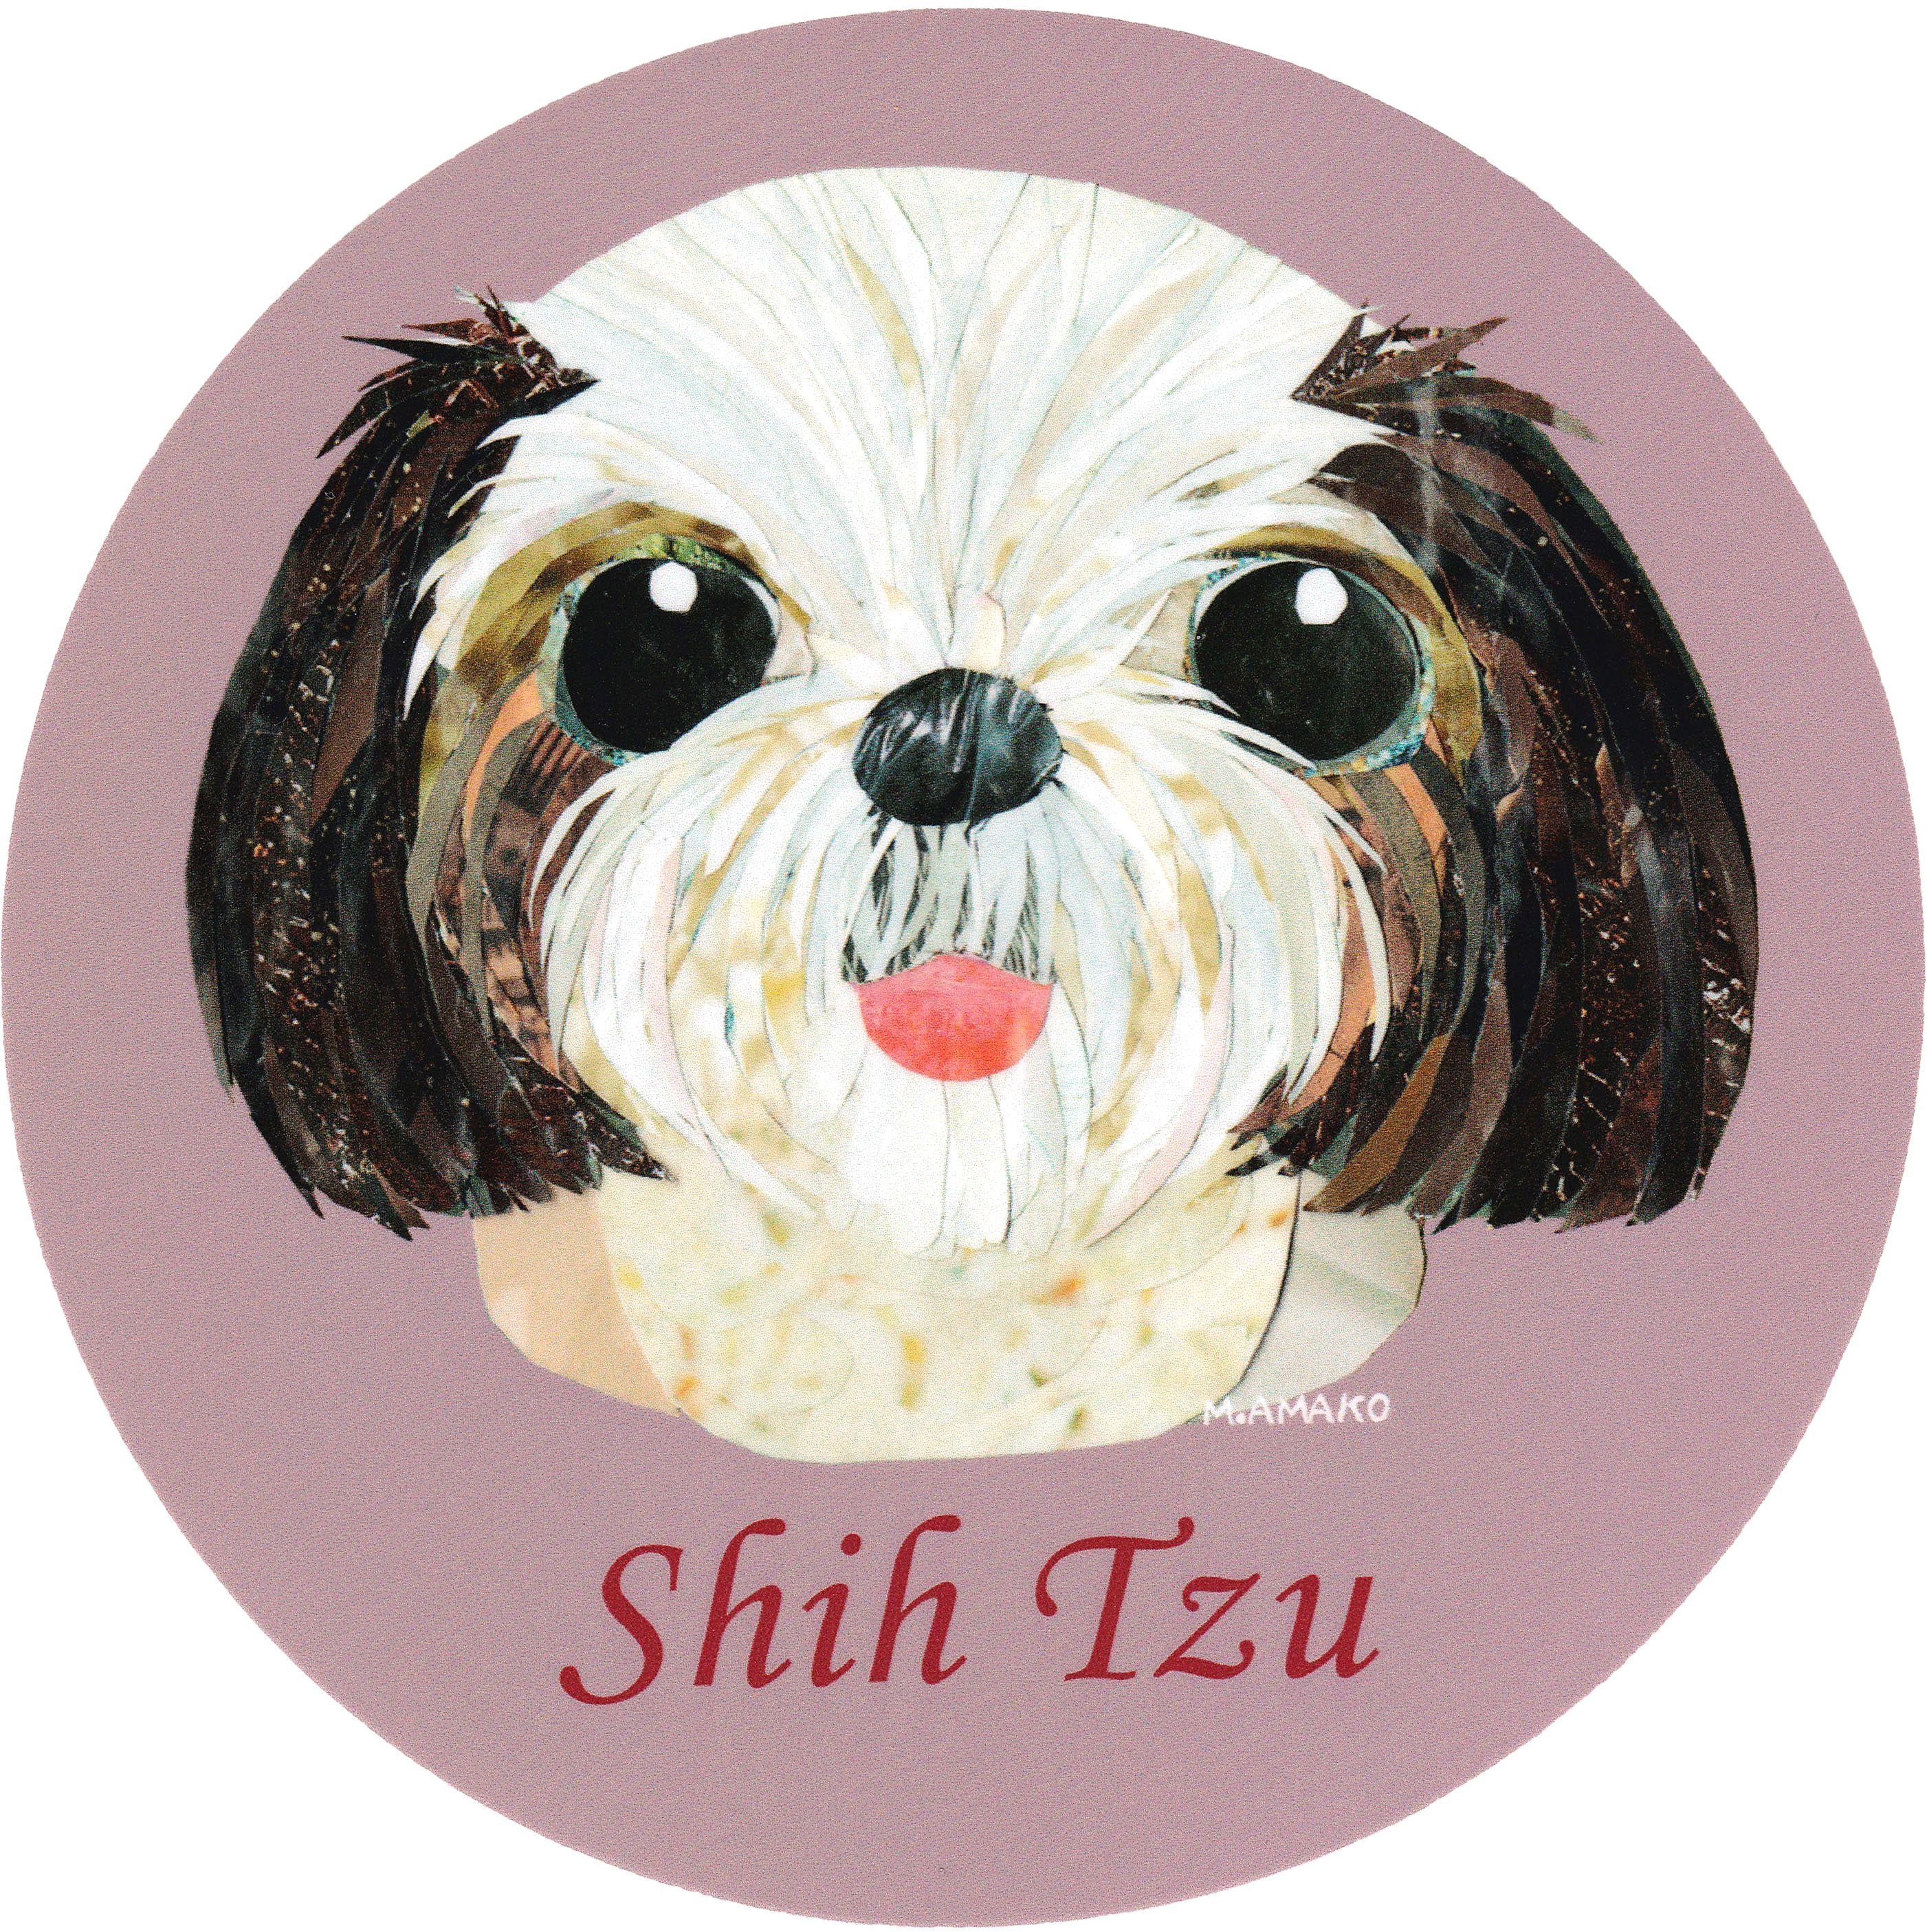 マイ @Behance プロジェクトを見る : 「022 | Shih Tzu」 https://www.behance.net/gallery/42193981/022-Shih-Tzu